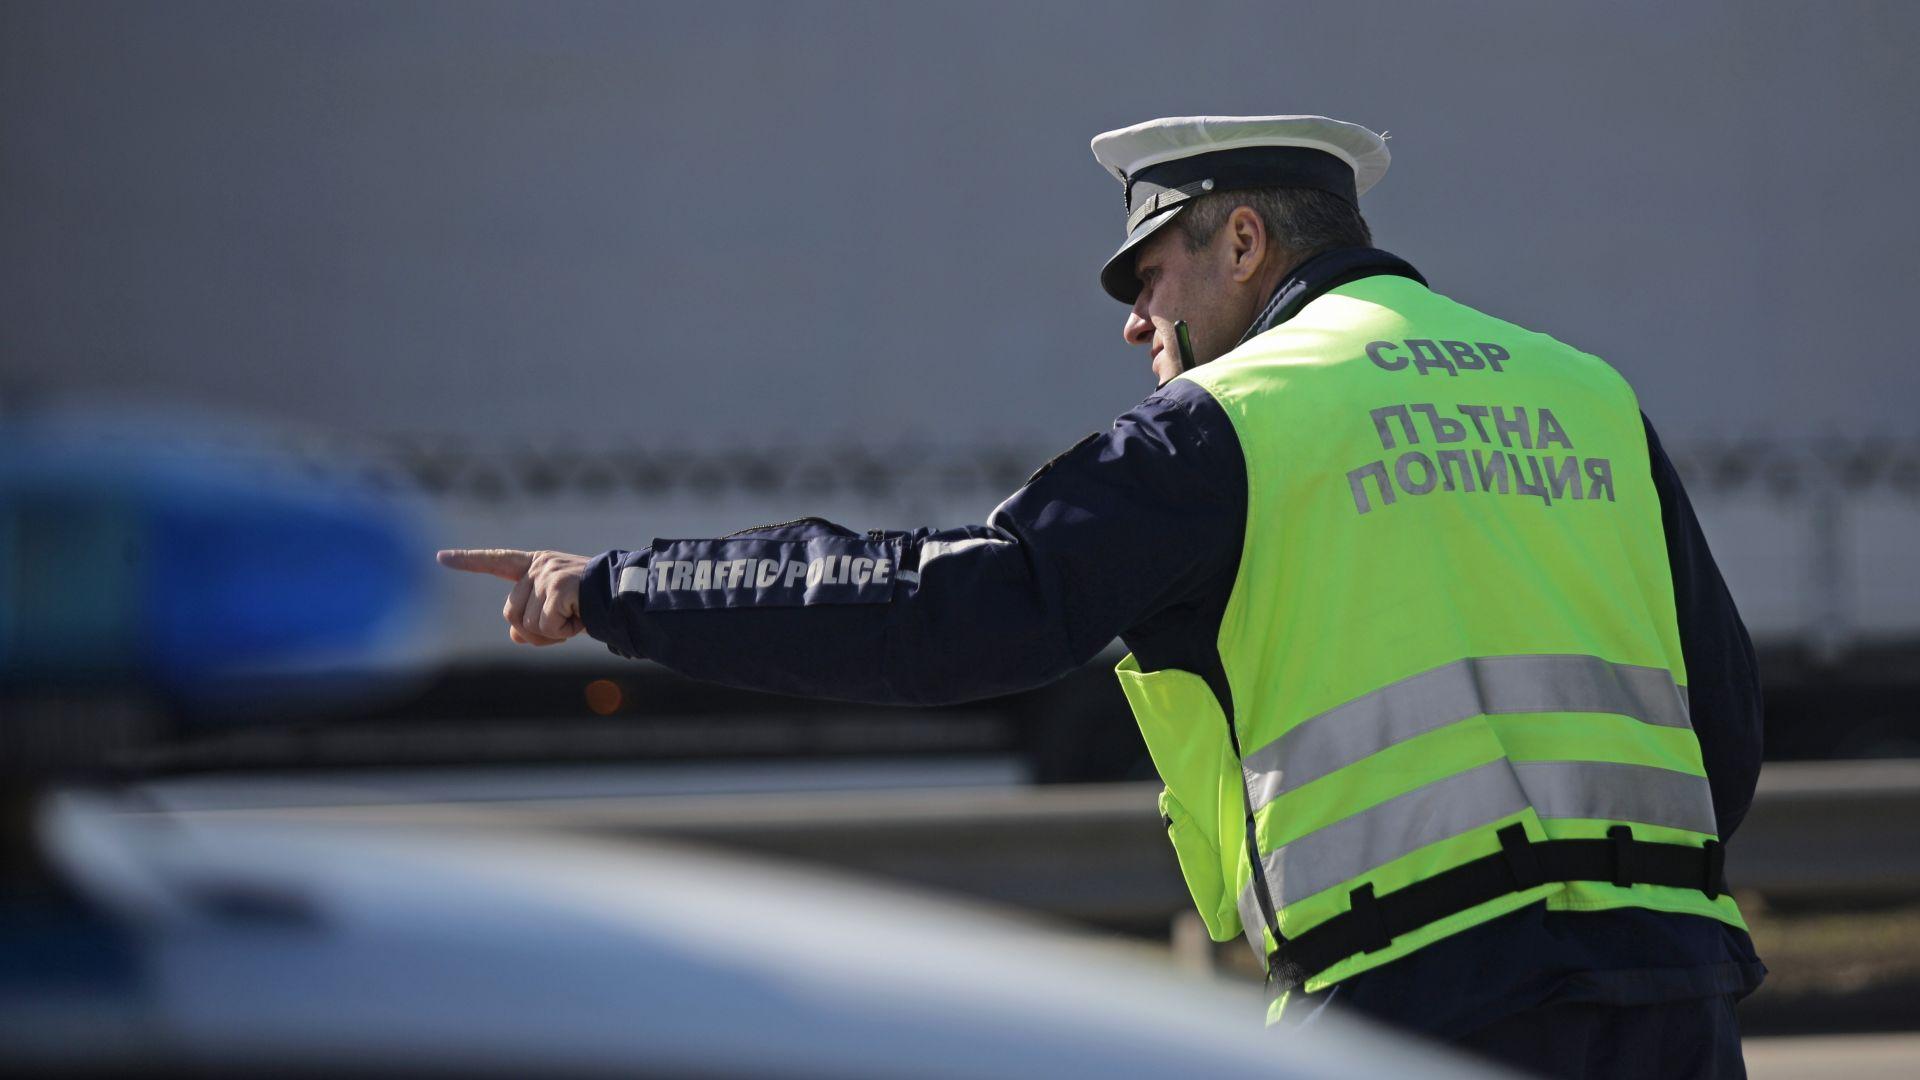 """""""Пътна полиция"""" започва нова акция, ще следи и проверява мотористи"""